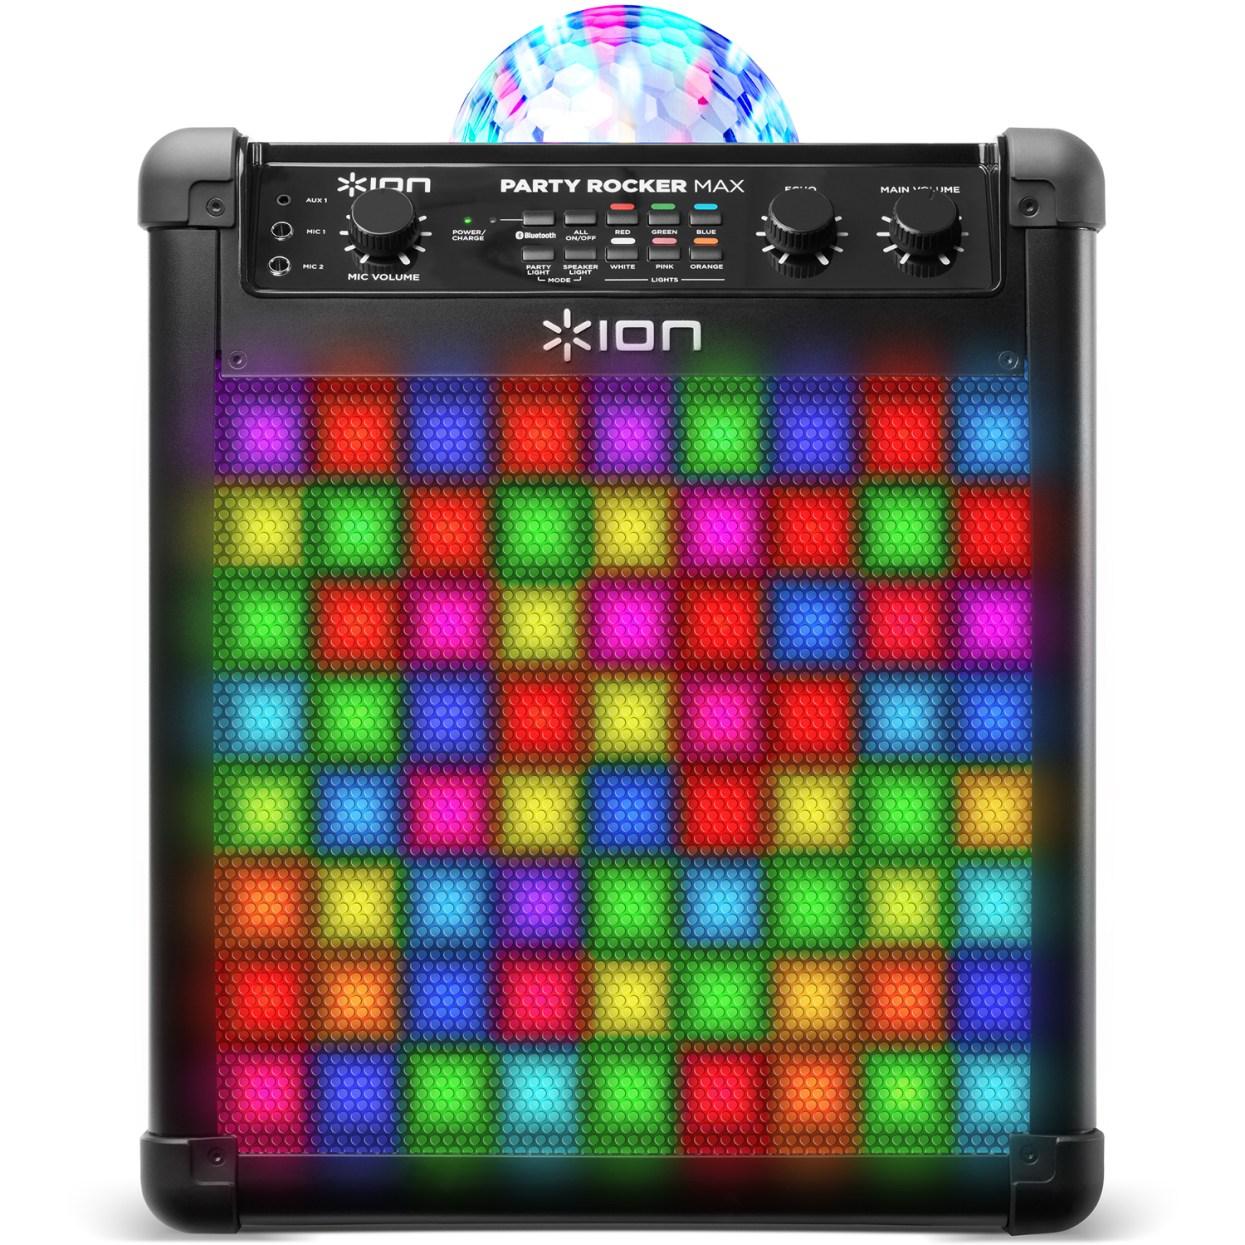 ION Party Rocker Max draadloze luidspreker met lichtshow